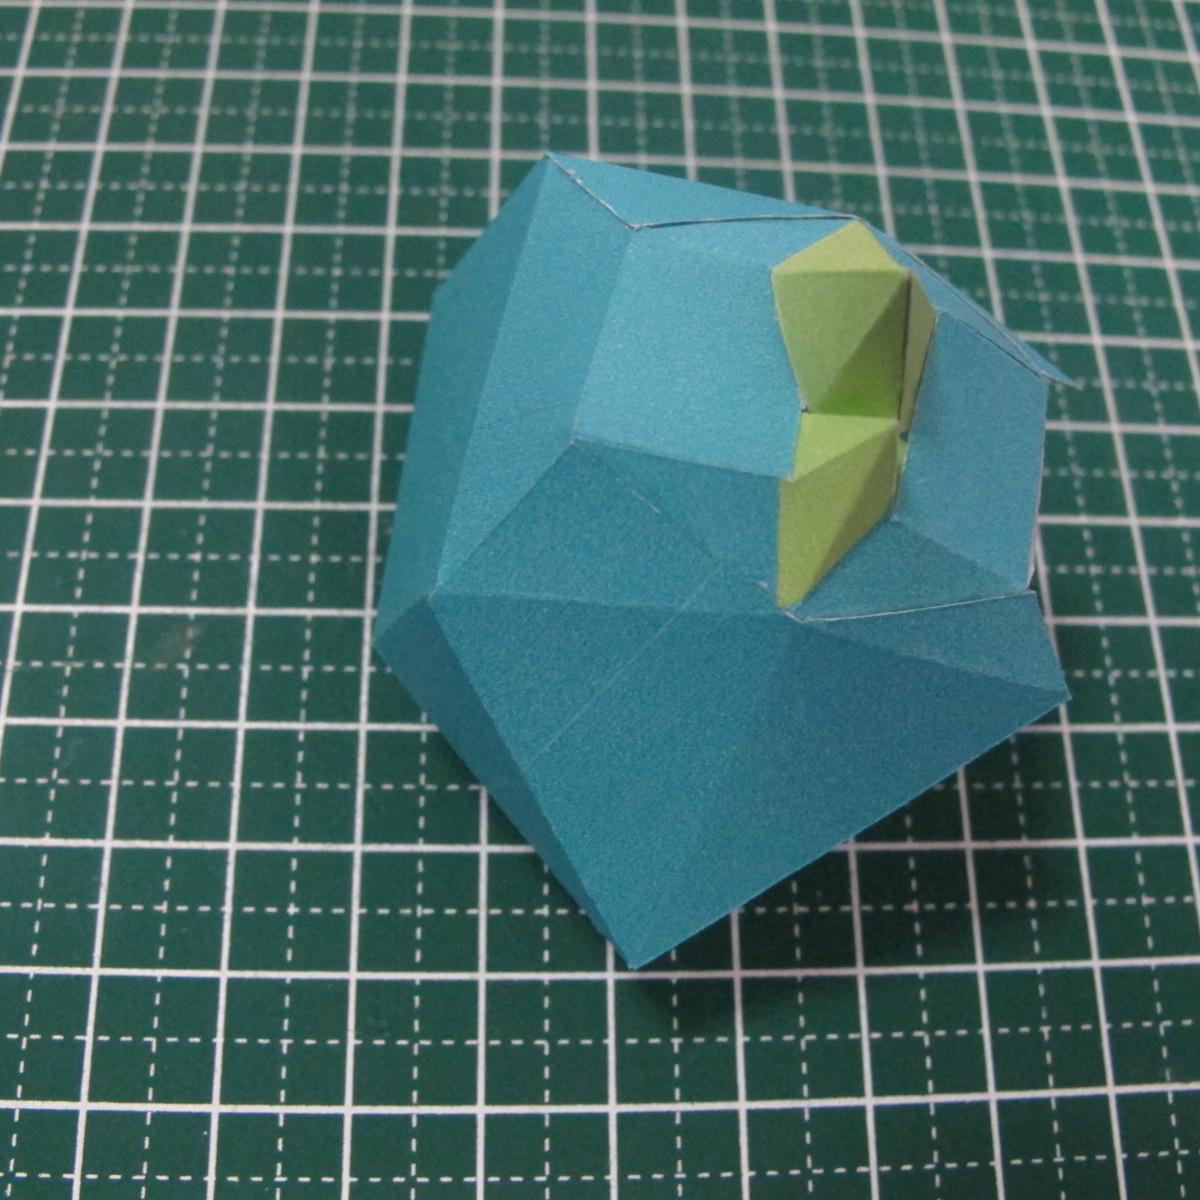 วิธีทำของเล่นโมเดลกระดาษรูปนก (Bird Paper craft ) 014